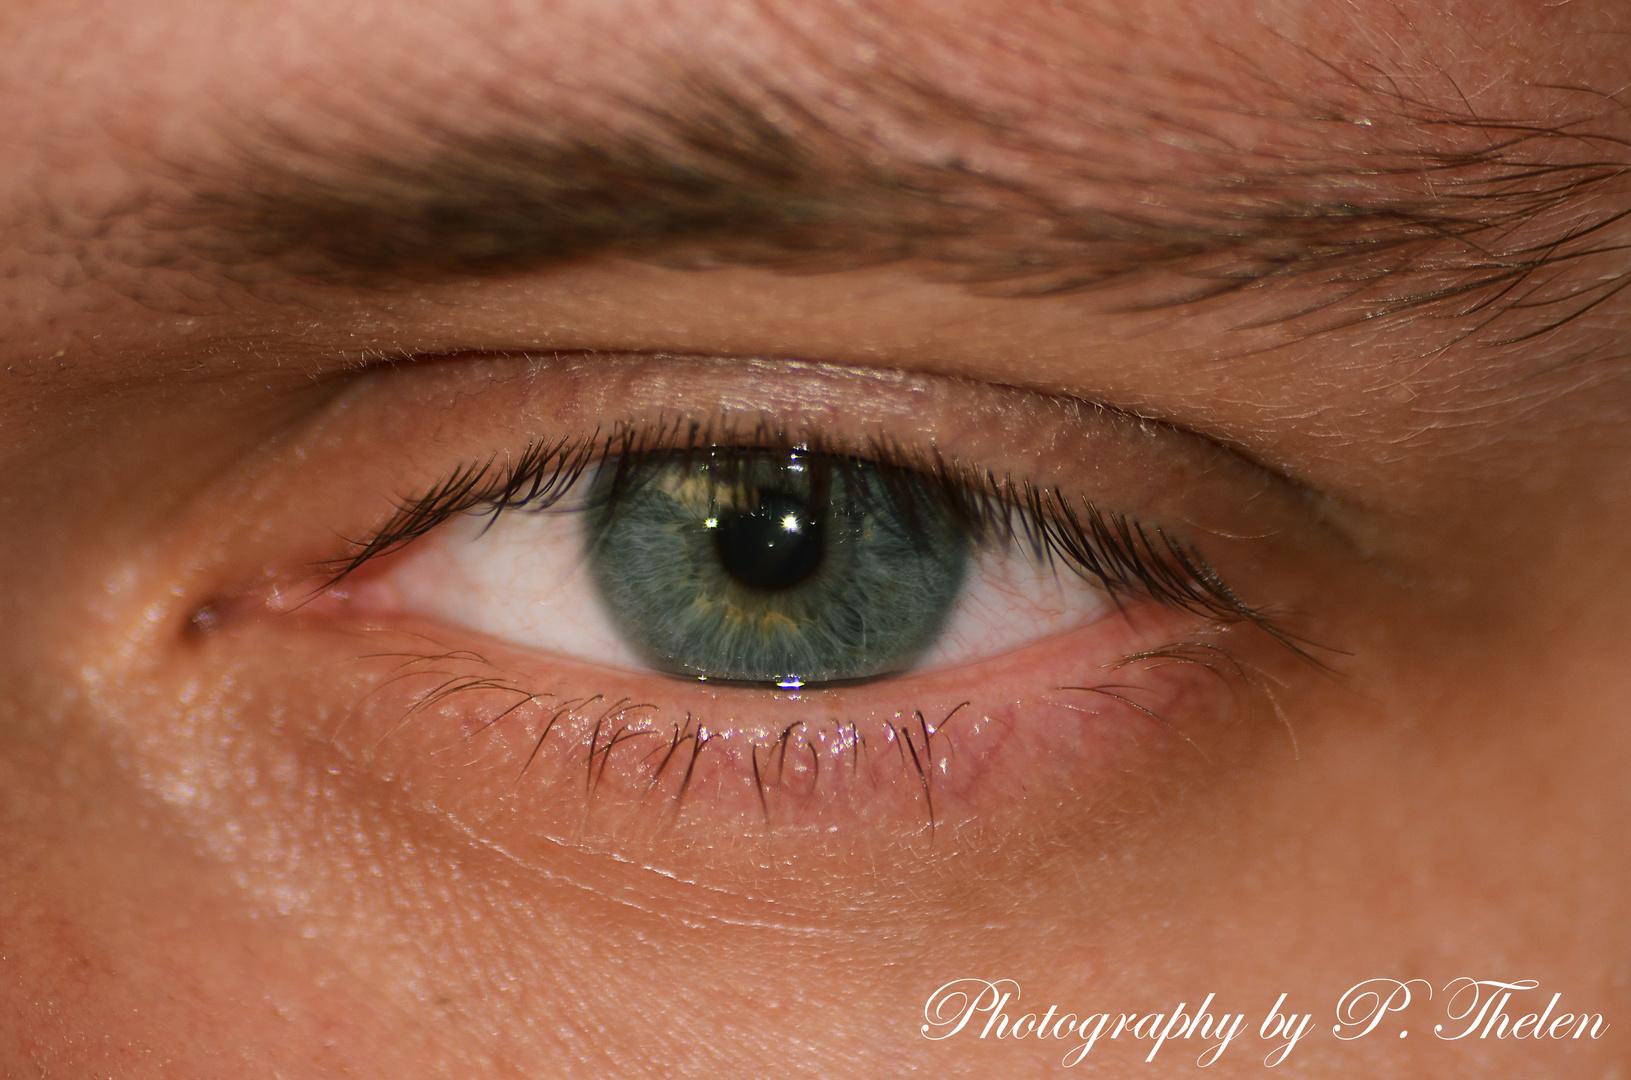 Schau mir in meine leicht angeschlagenen Augen süße